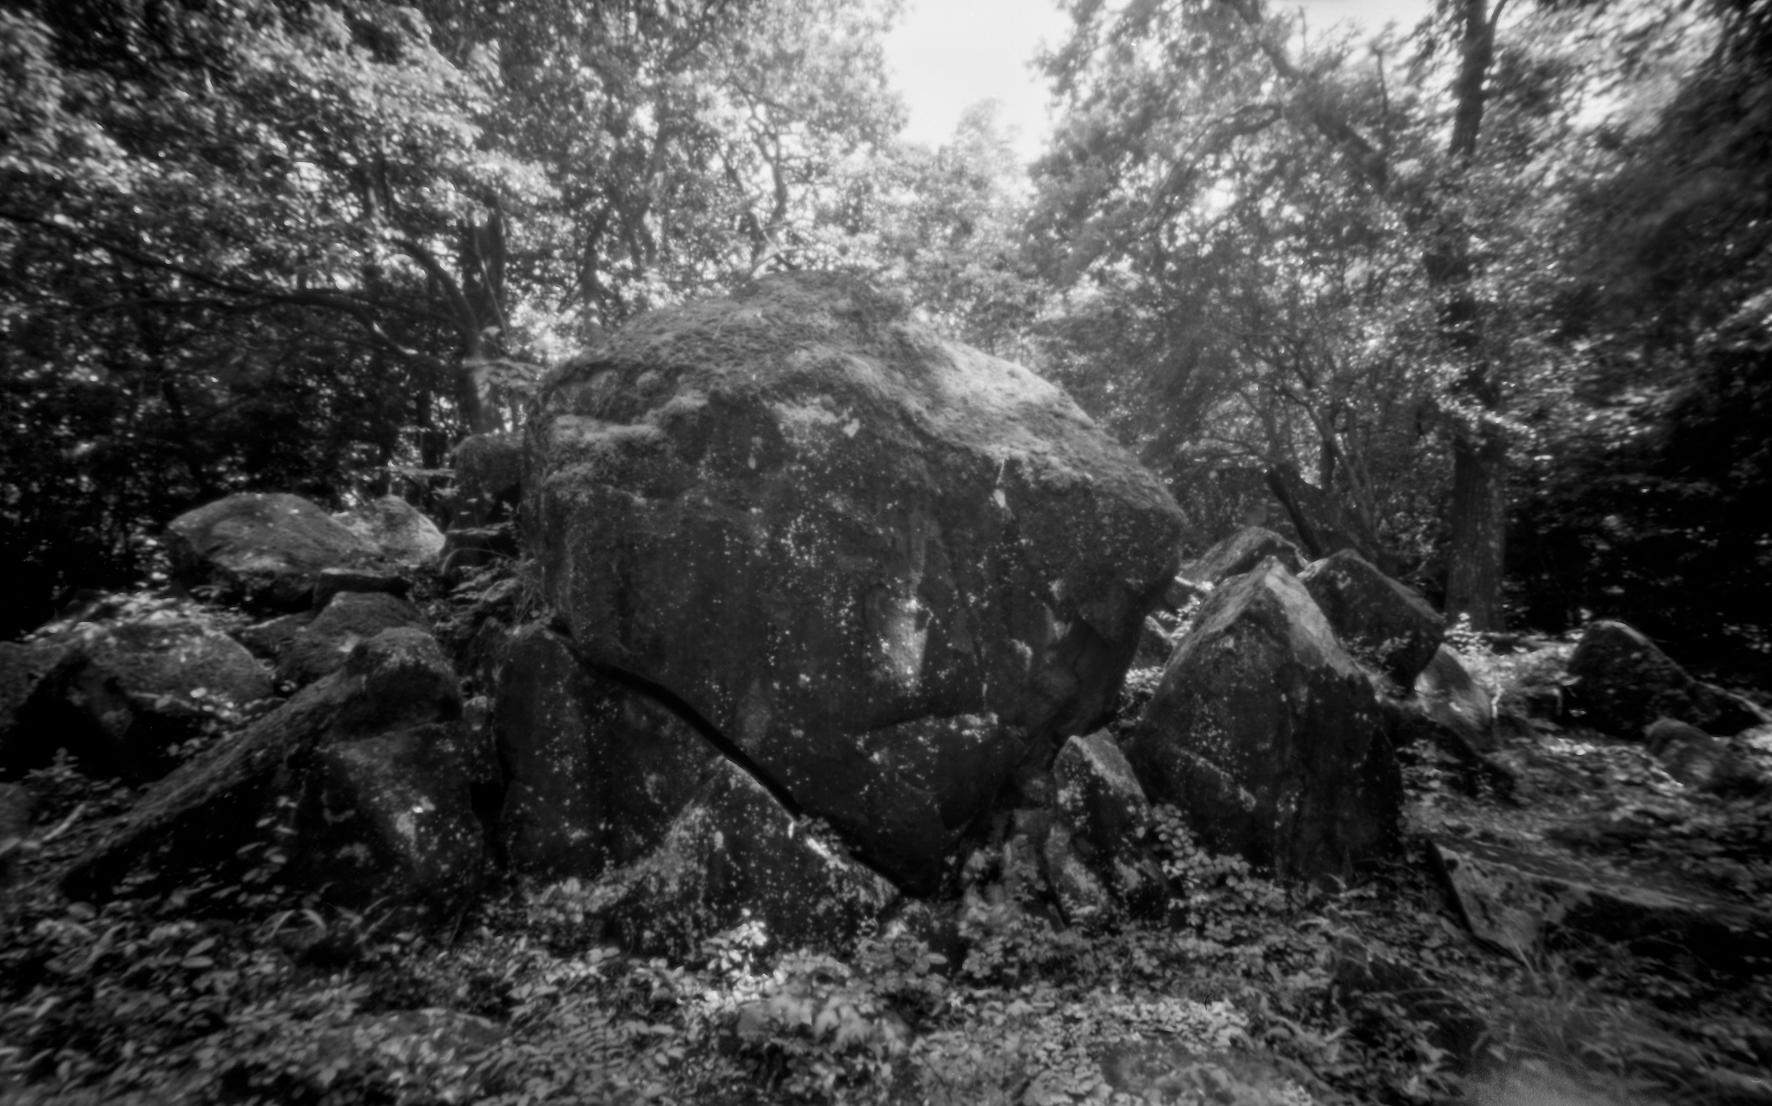 山添村 神野山の磐座。天狗岩